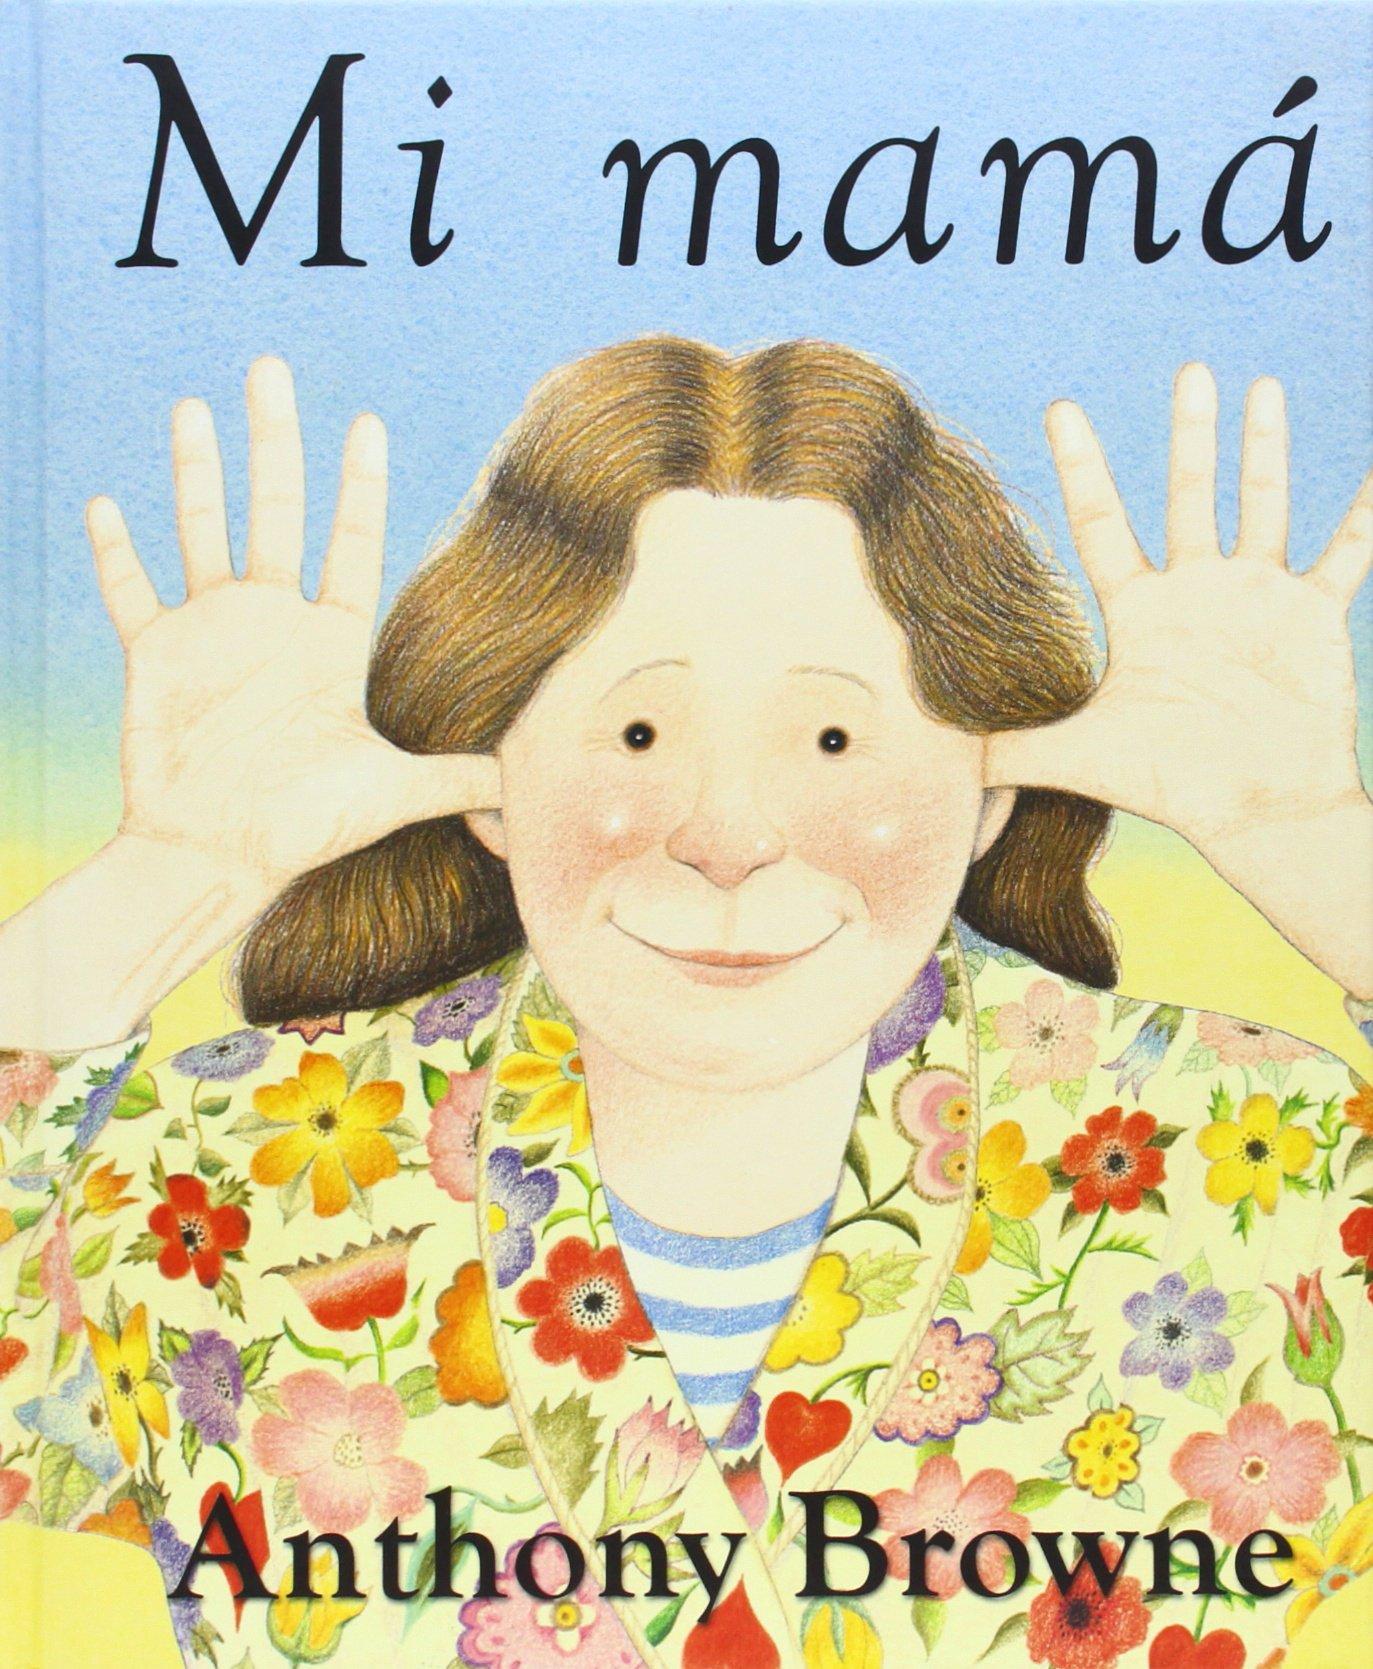 Rz100 Cuentos De Boca Especial Día De La Madre 25 Libros Infantiles En Los Que Mamá Es La Protagonista